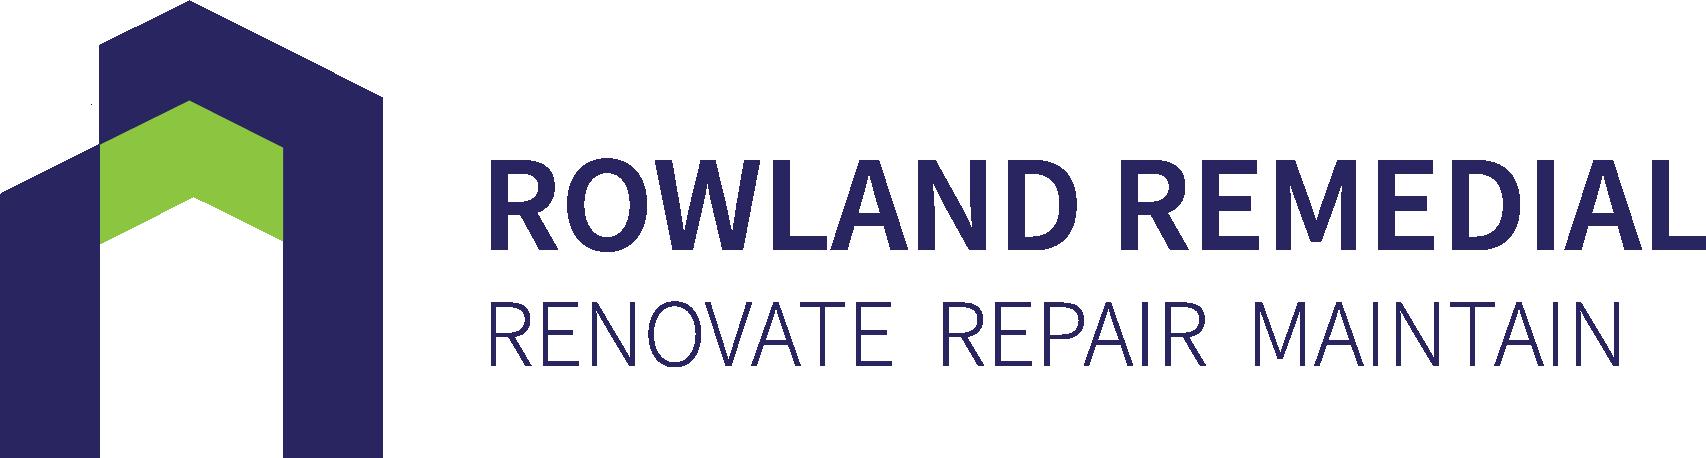 Rowland Remedial LTD